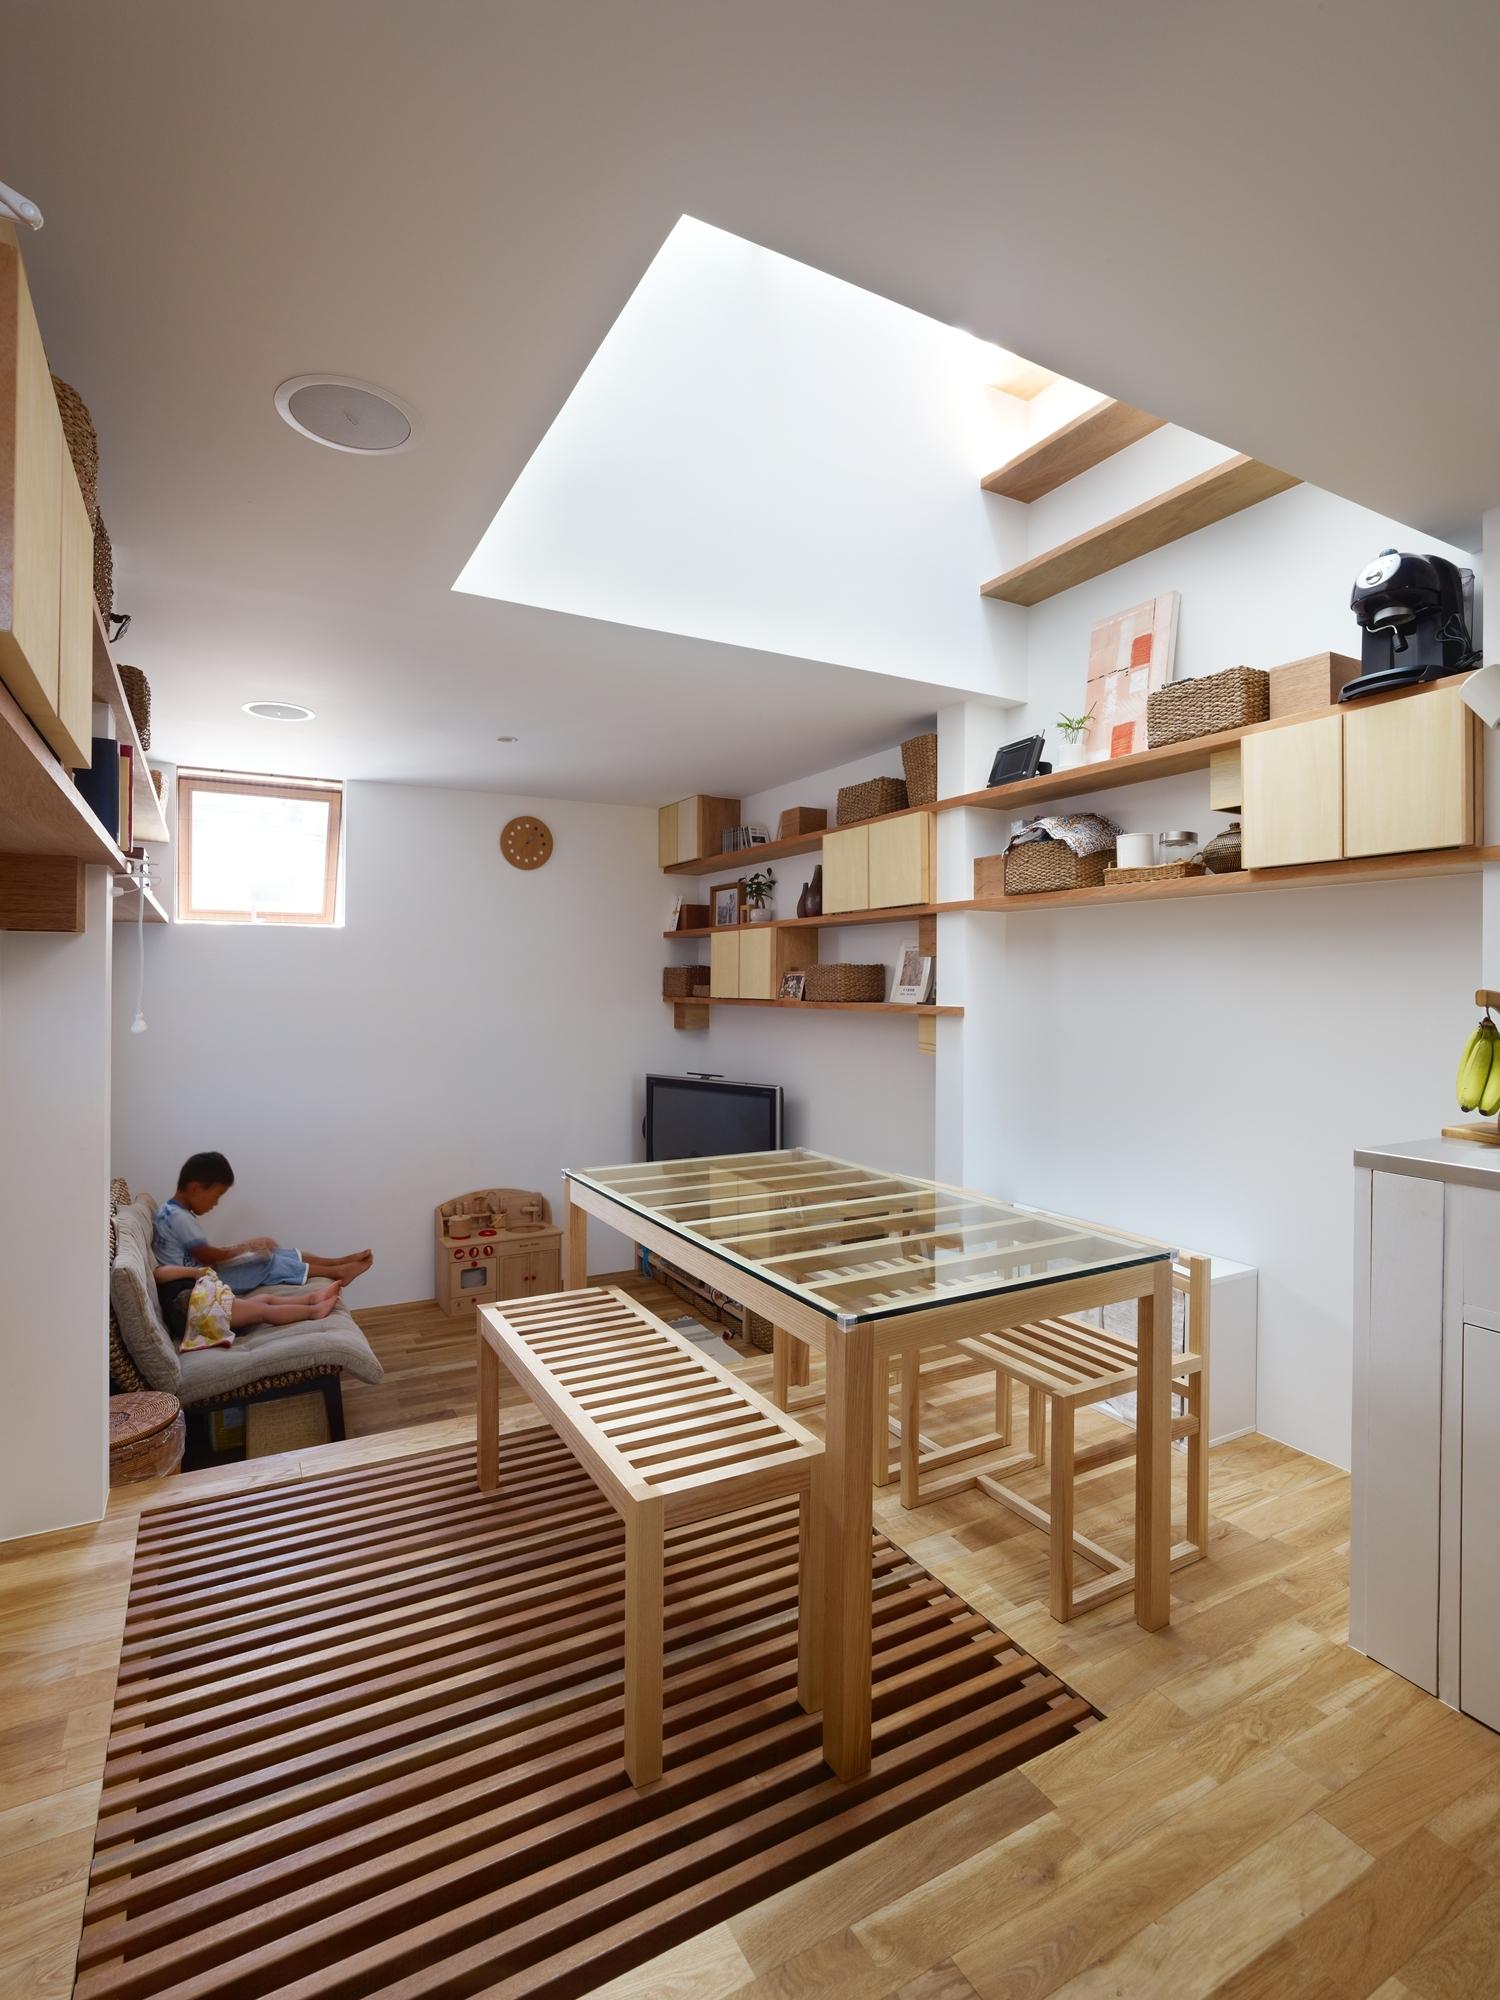 5144f2a4b3fc4b88c6000084_house-in-nada-fujiwarramuro-architects_oishi216652000